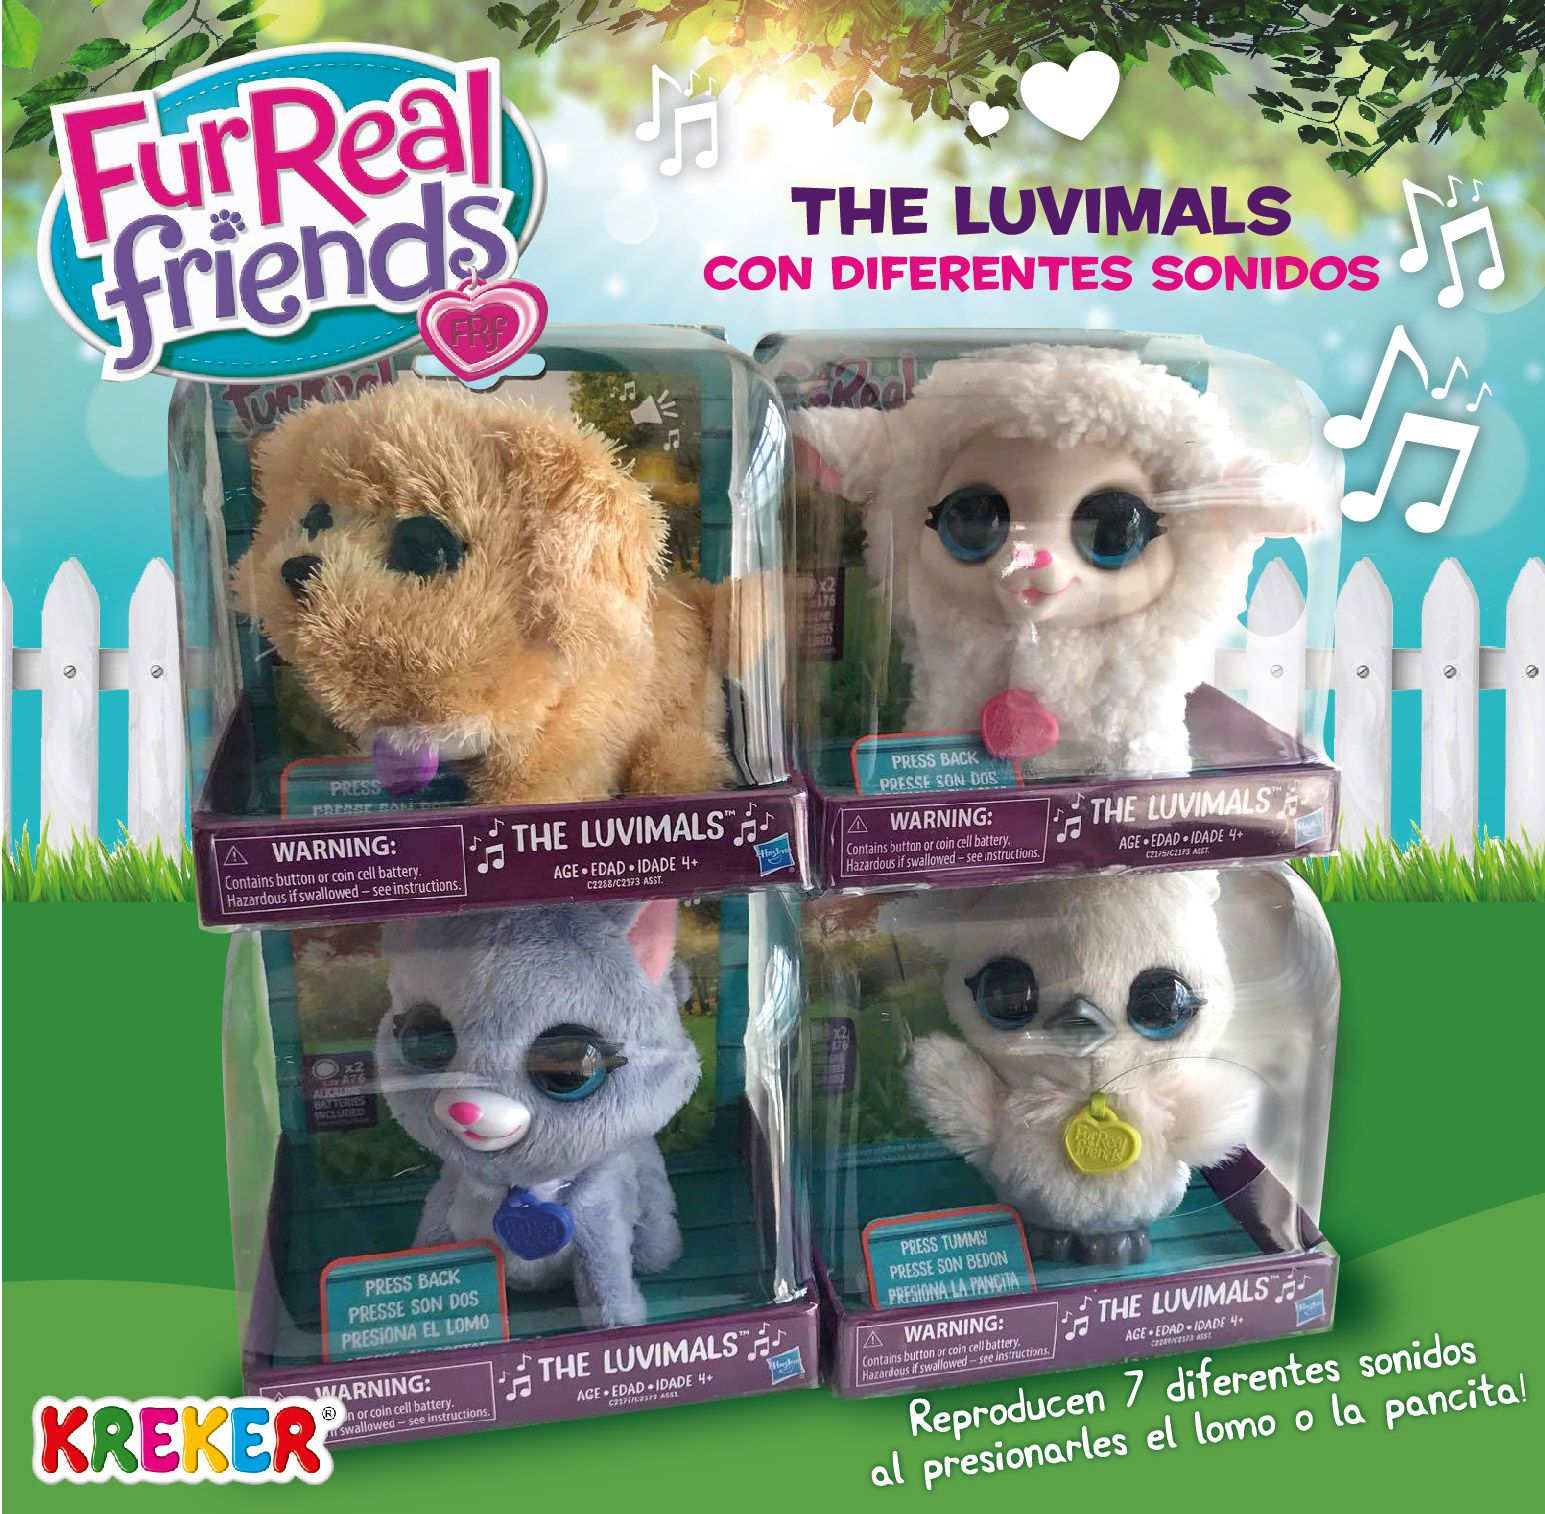 The Luvimals Gato Oveja Buho Y Perro Reproduce 7 Diferentes Sonidos Al Presionarles El Lomo O La Pancita Baby Girl Toys Little Live Pets Fur Real Friends